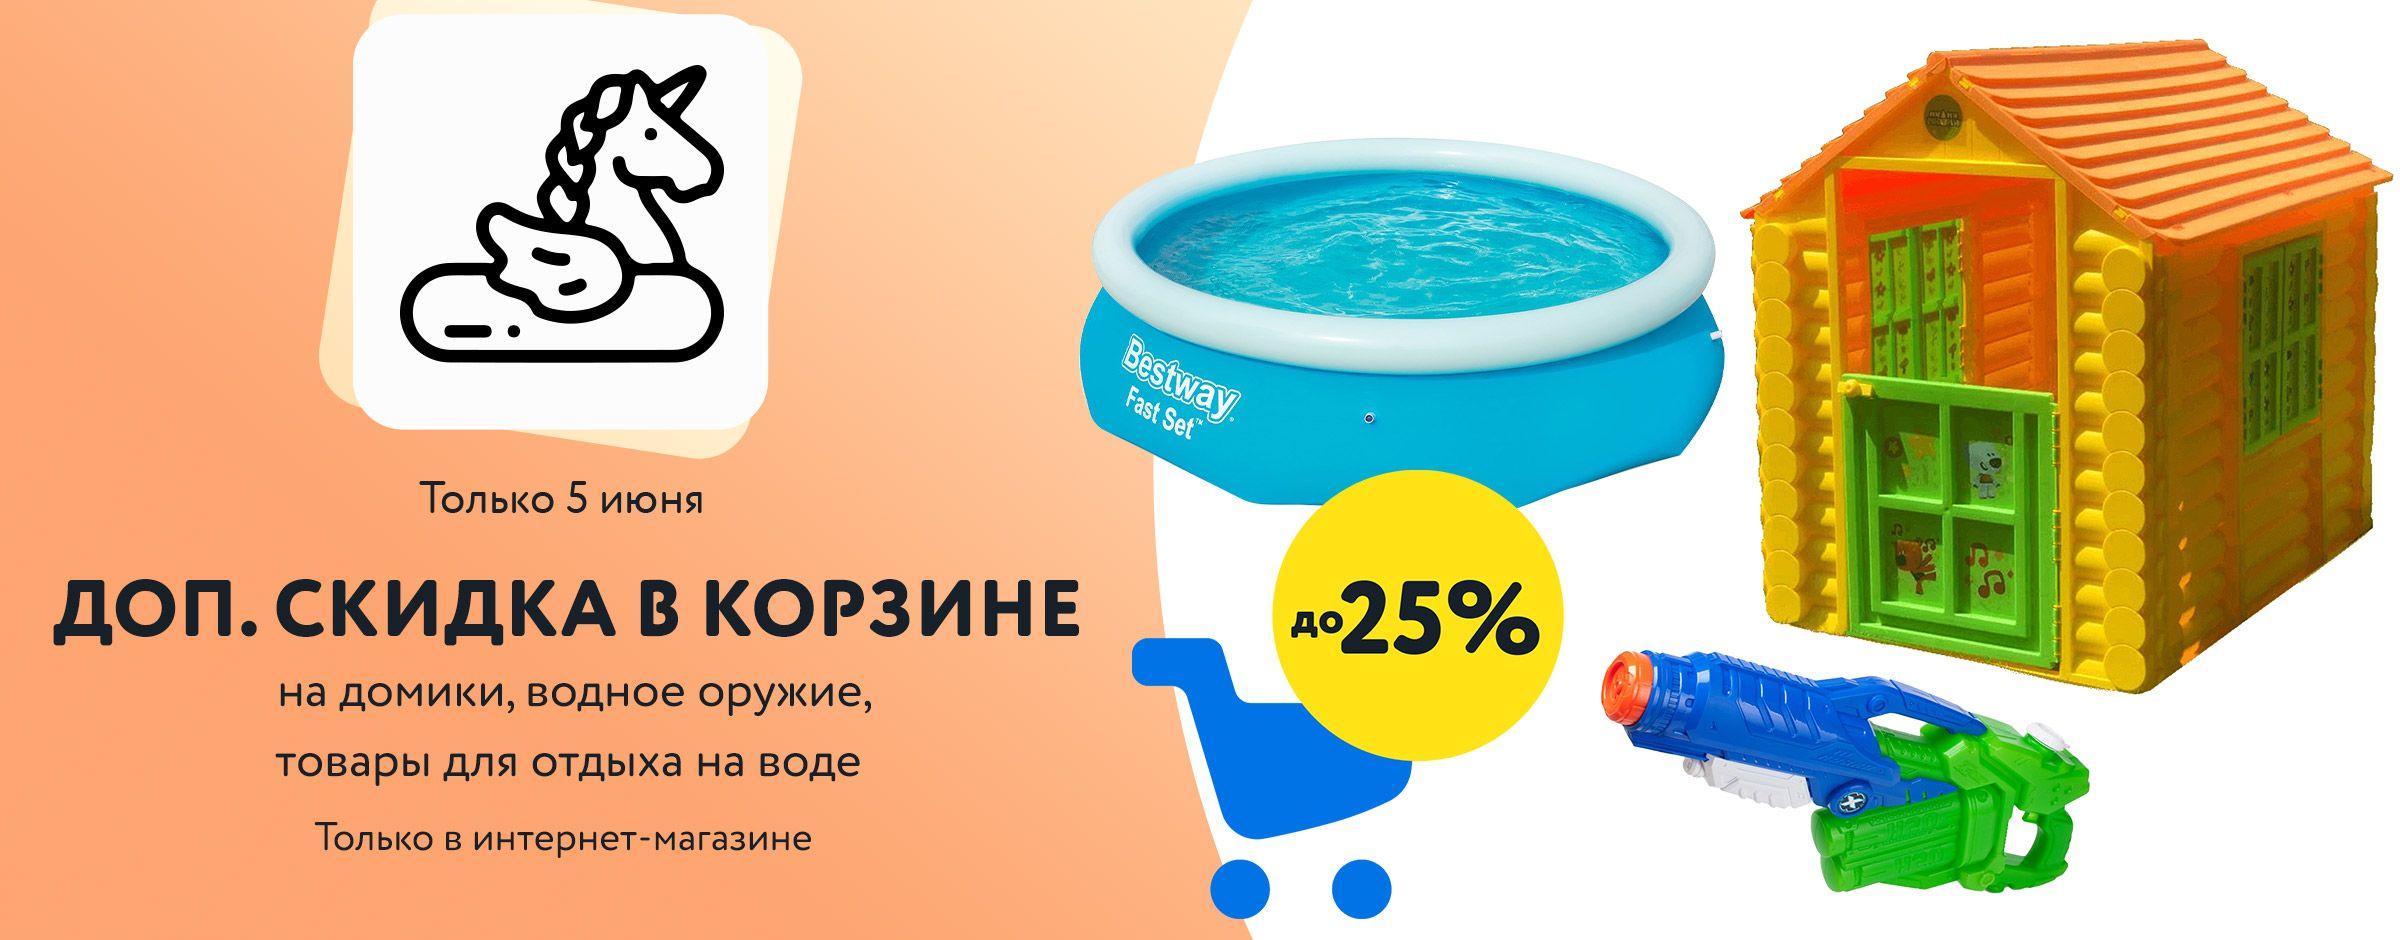 До 25% в корзине на домики, водное оружие, товары для отдыха на воде